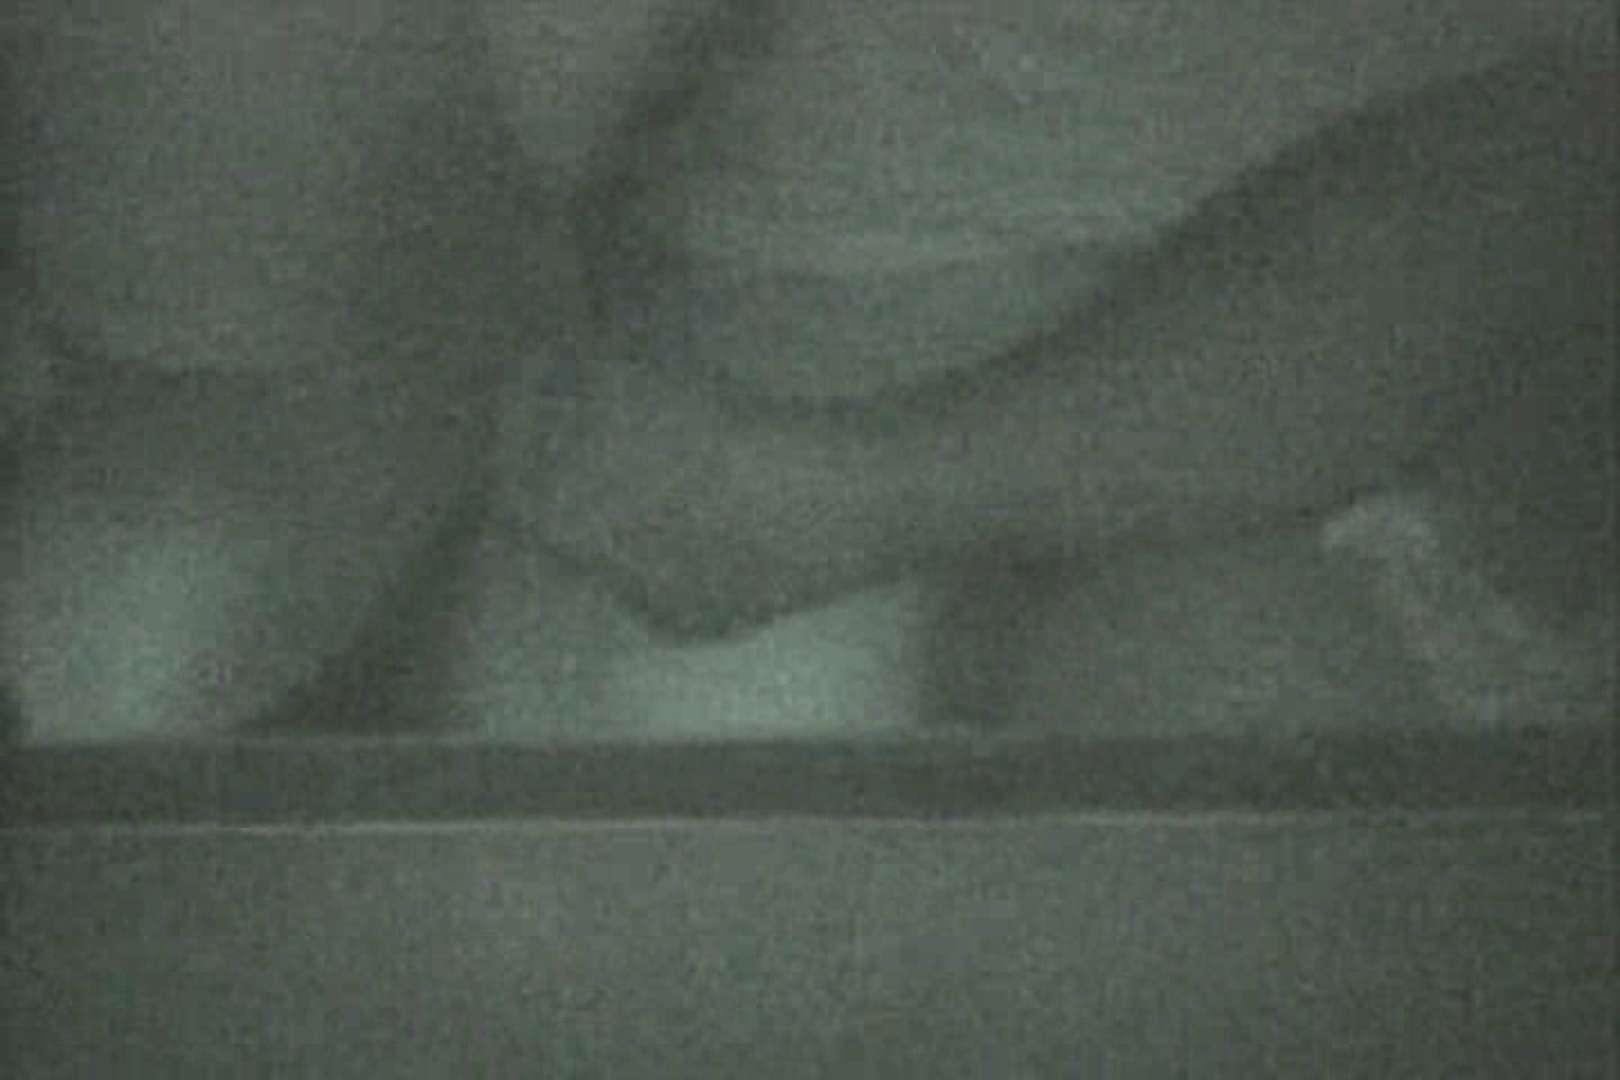 蔵出し!!赤外線カーセックスVol.12 OLヌード天国 オマンコ無修正動画無料 87PIX 86